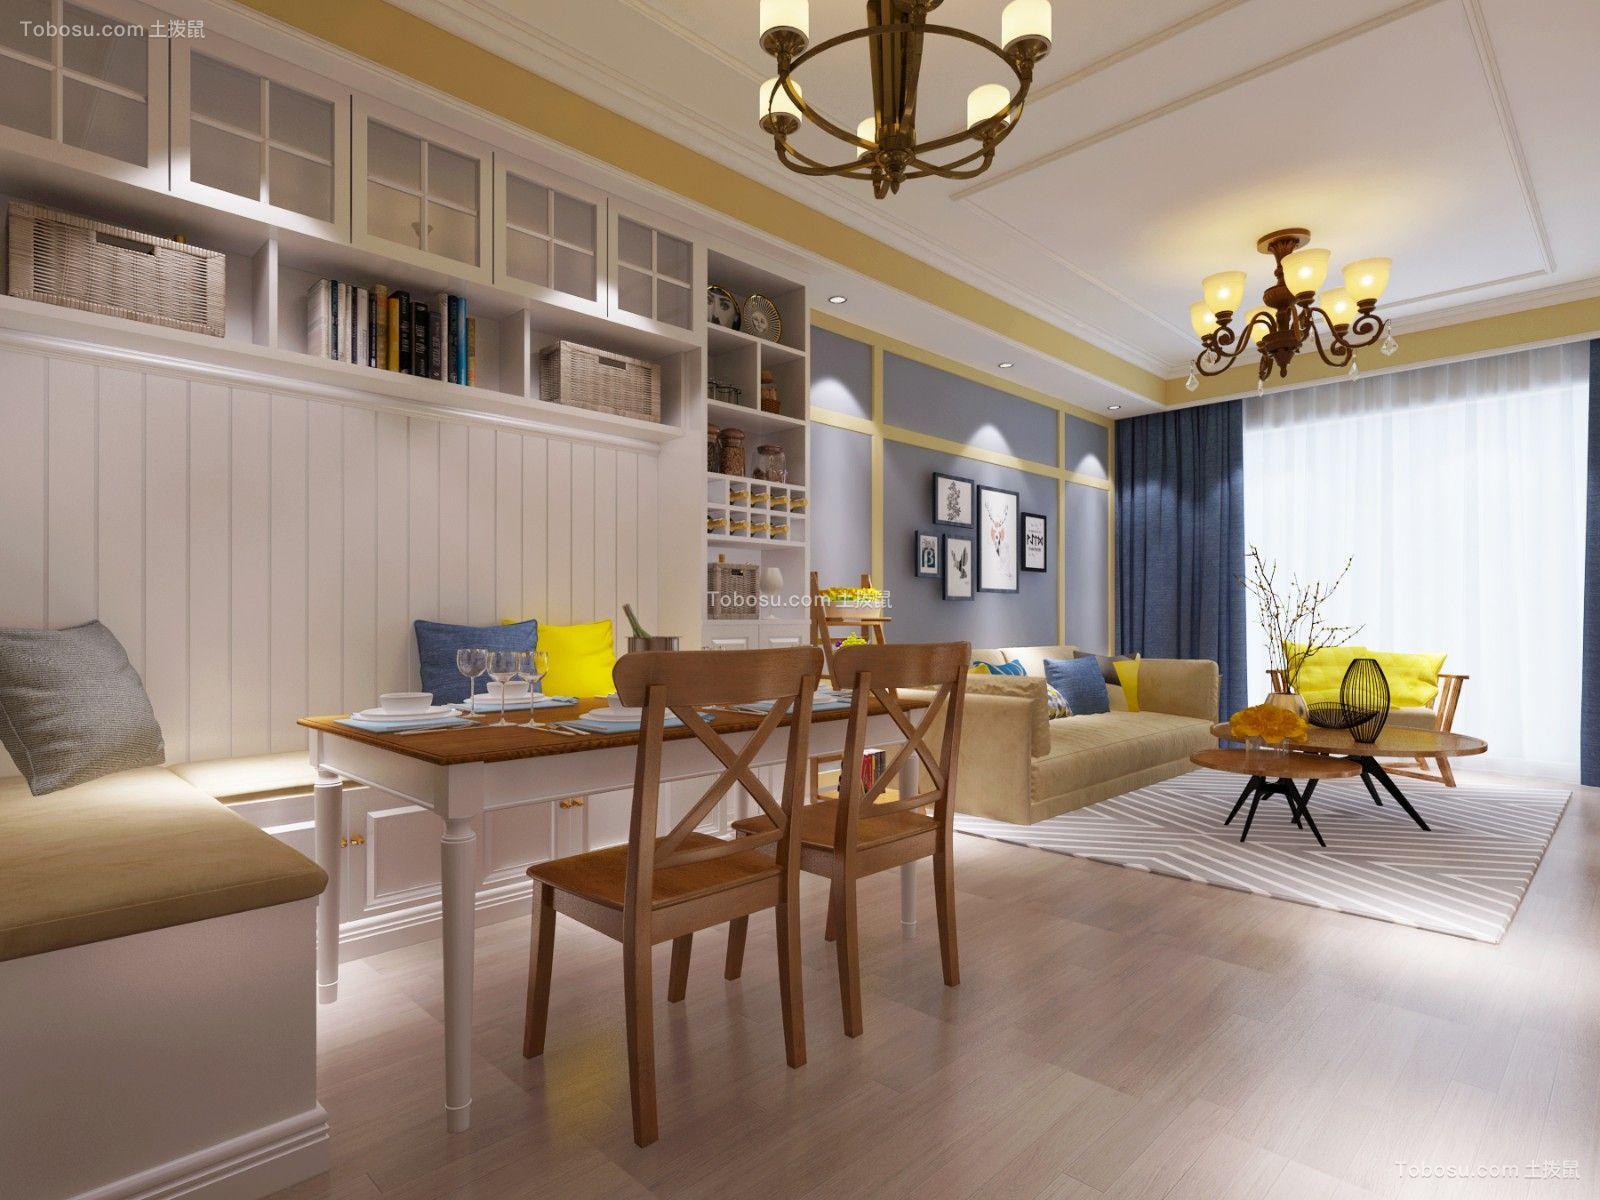 2019美式餐厅效果图 2019美式地板装饰设计